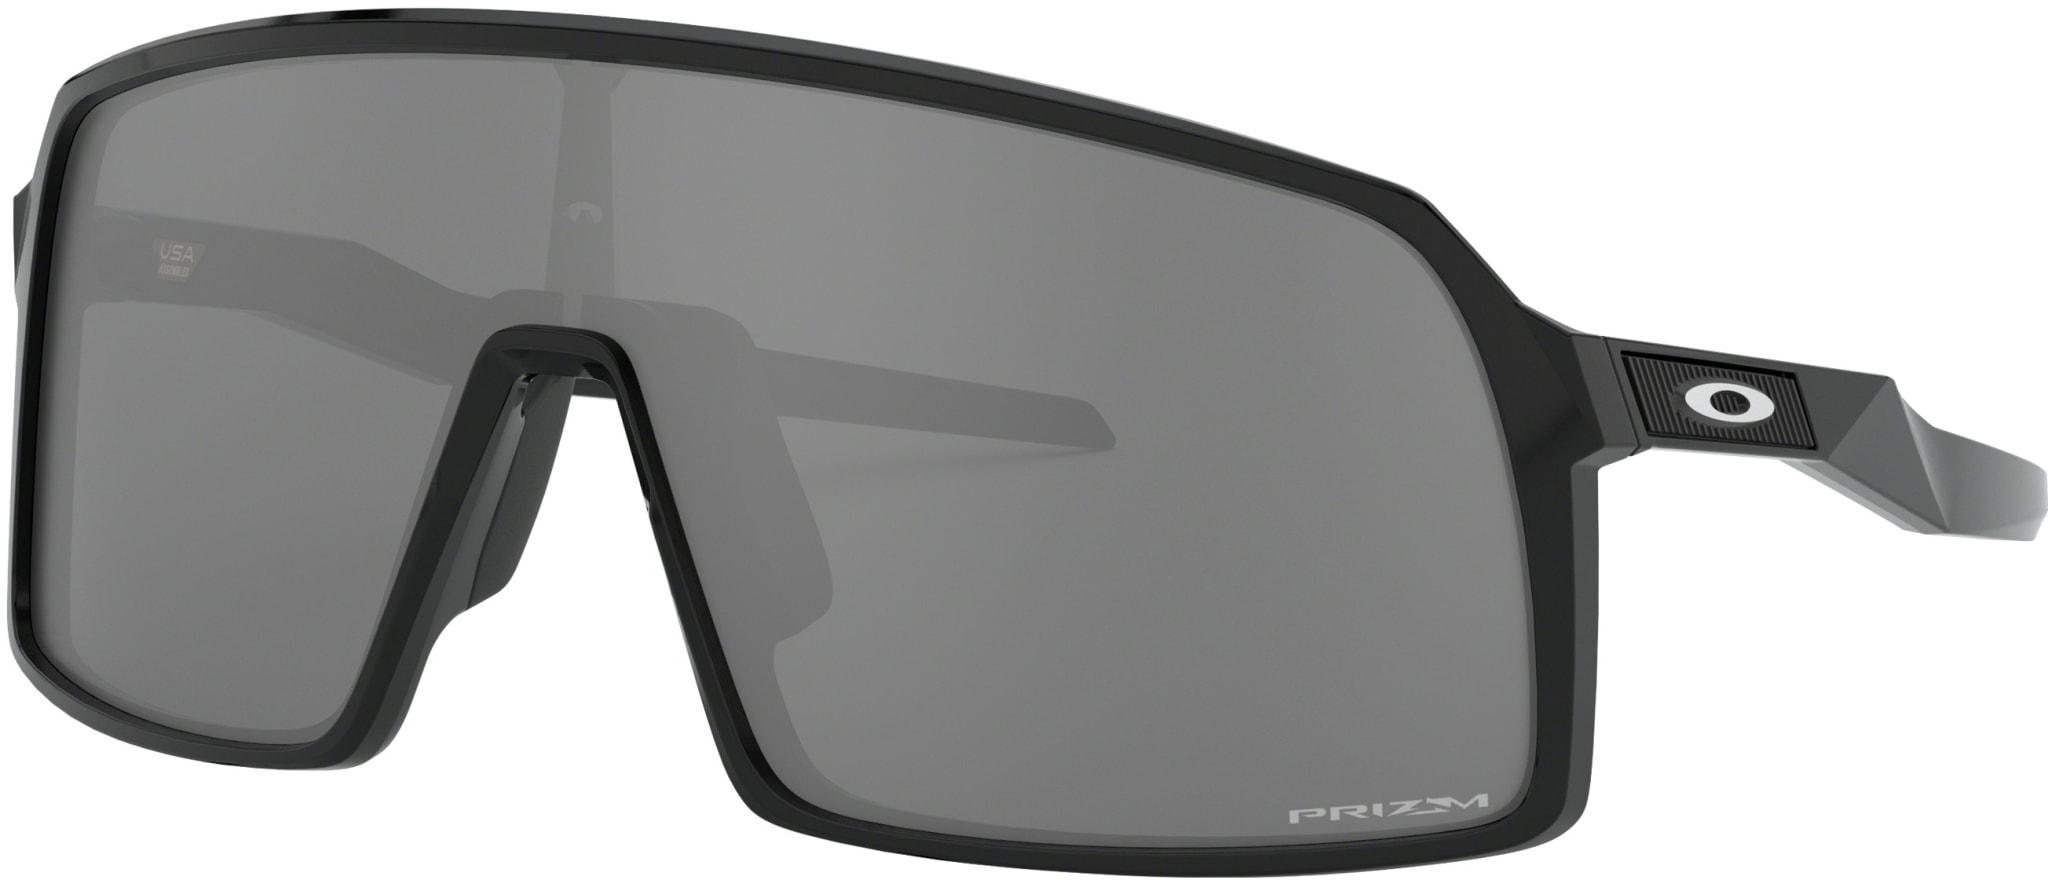 Kombinert sport- og lifestylebrille